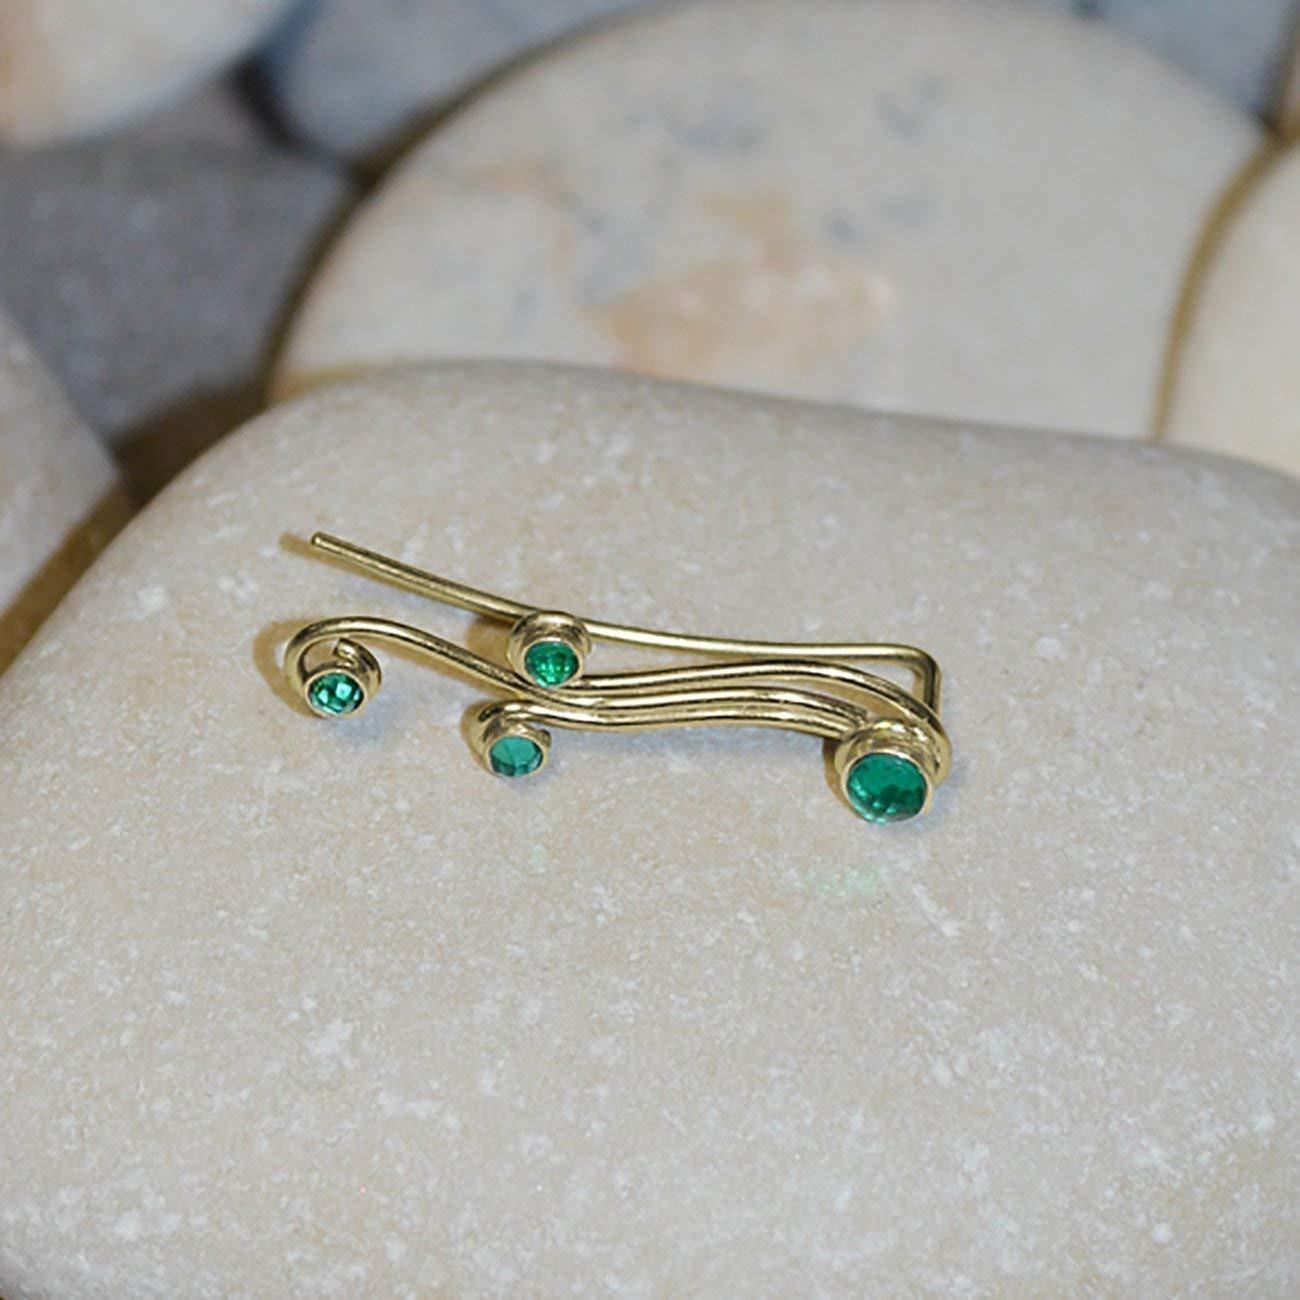 Gold Ear Climber Earring - Ear Pins - Ear Sweep - Ear Crawler - Emerald Ear Cuff - Ear Wrap Earring - Minimalist Earrings